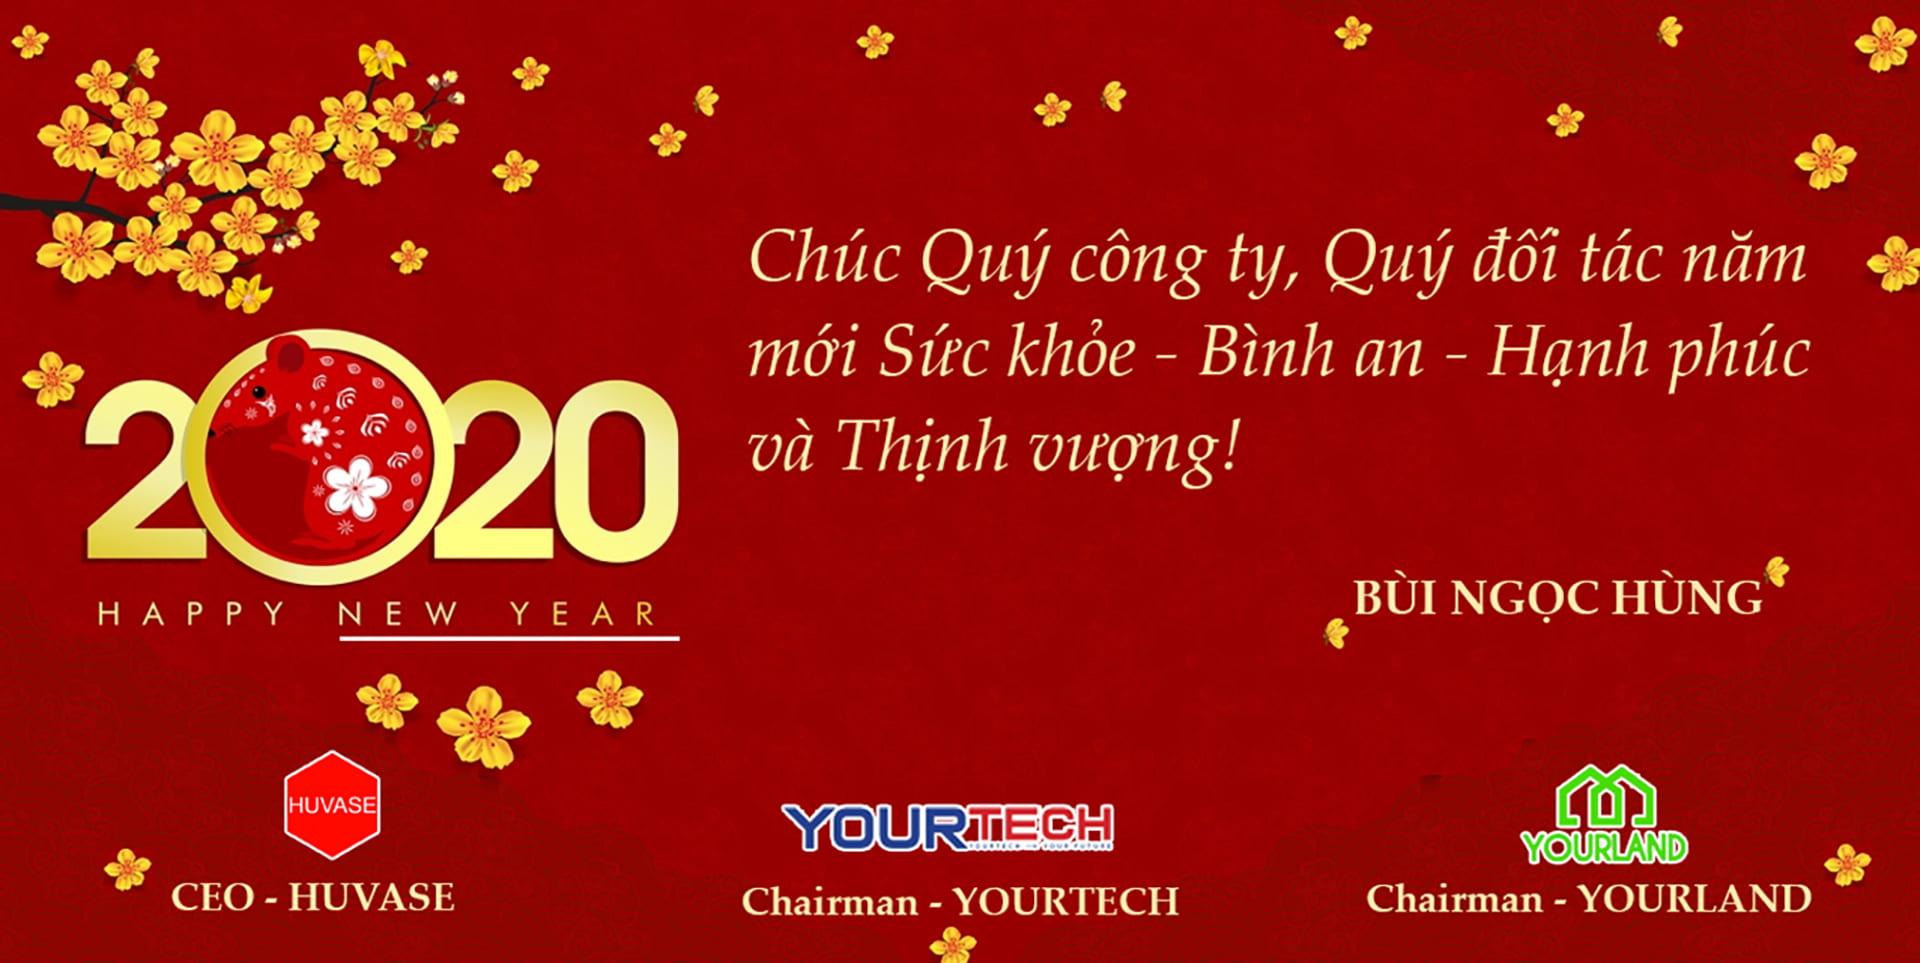 Hùng Vân chúc mừng năm mới